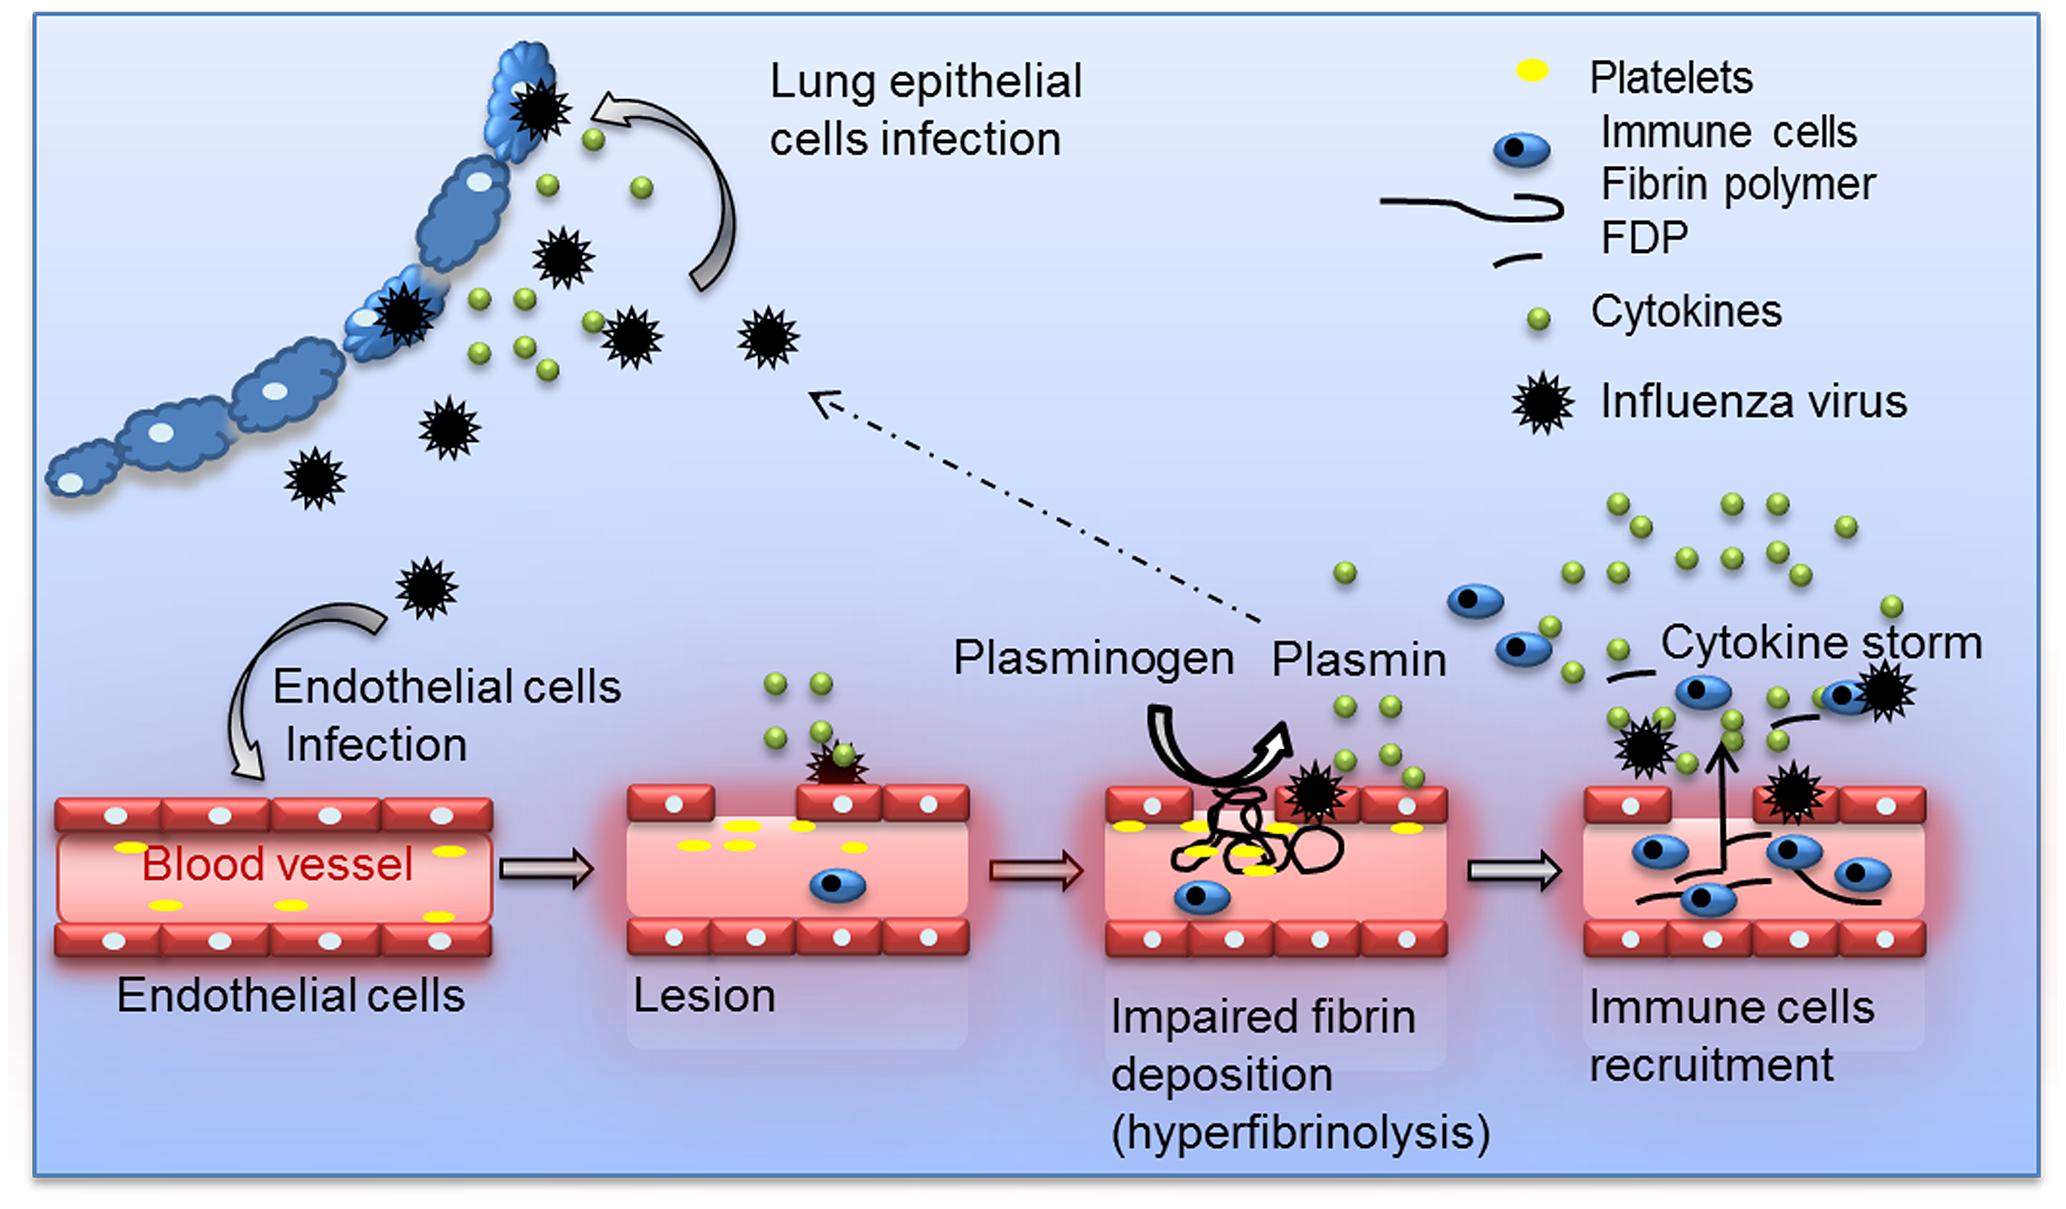 Schematic overview of the proposed model for Plasminogen-mediated influenza virus pathogenesis.